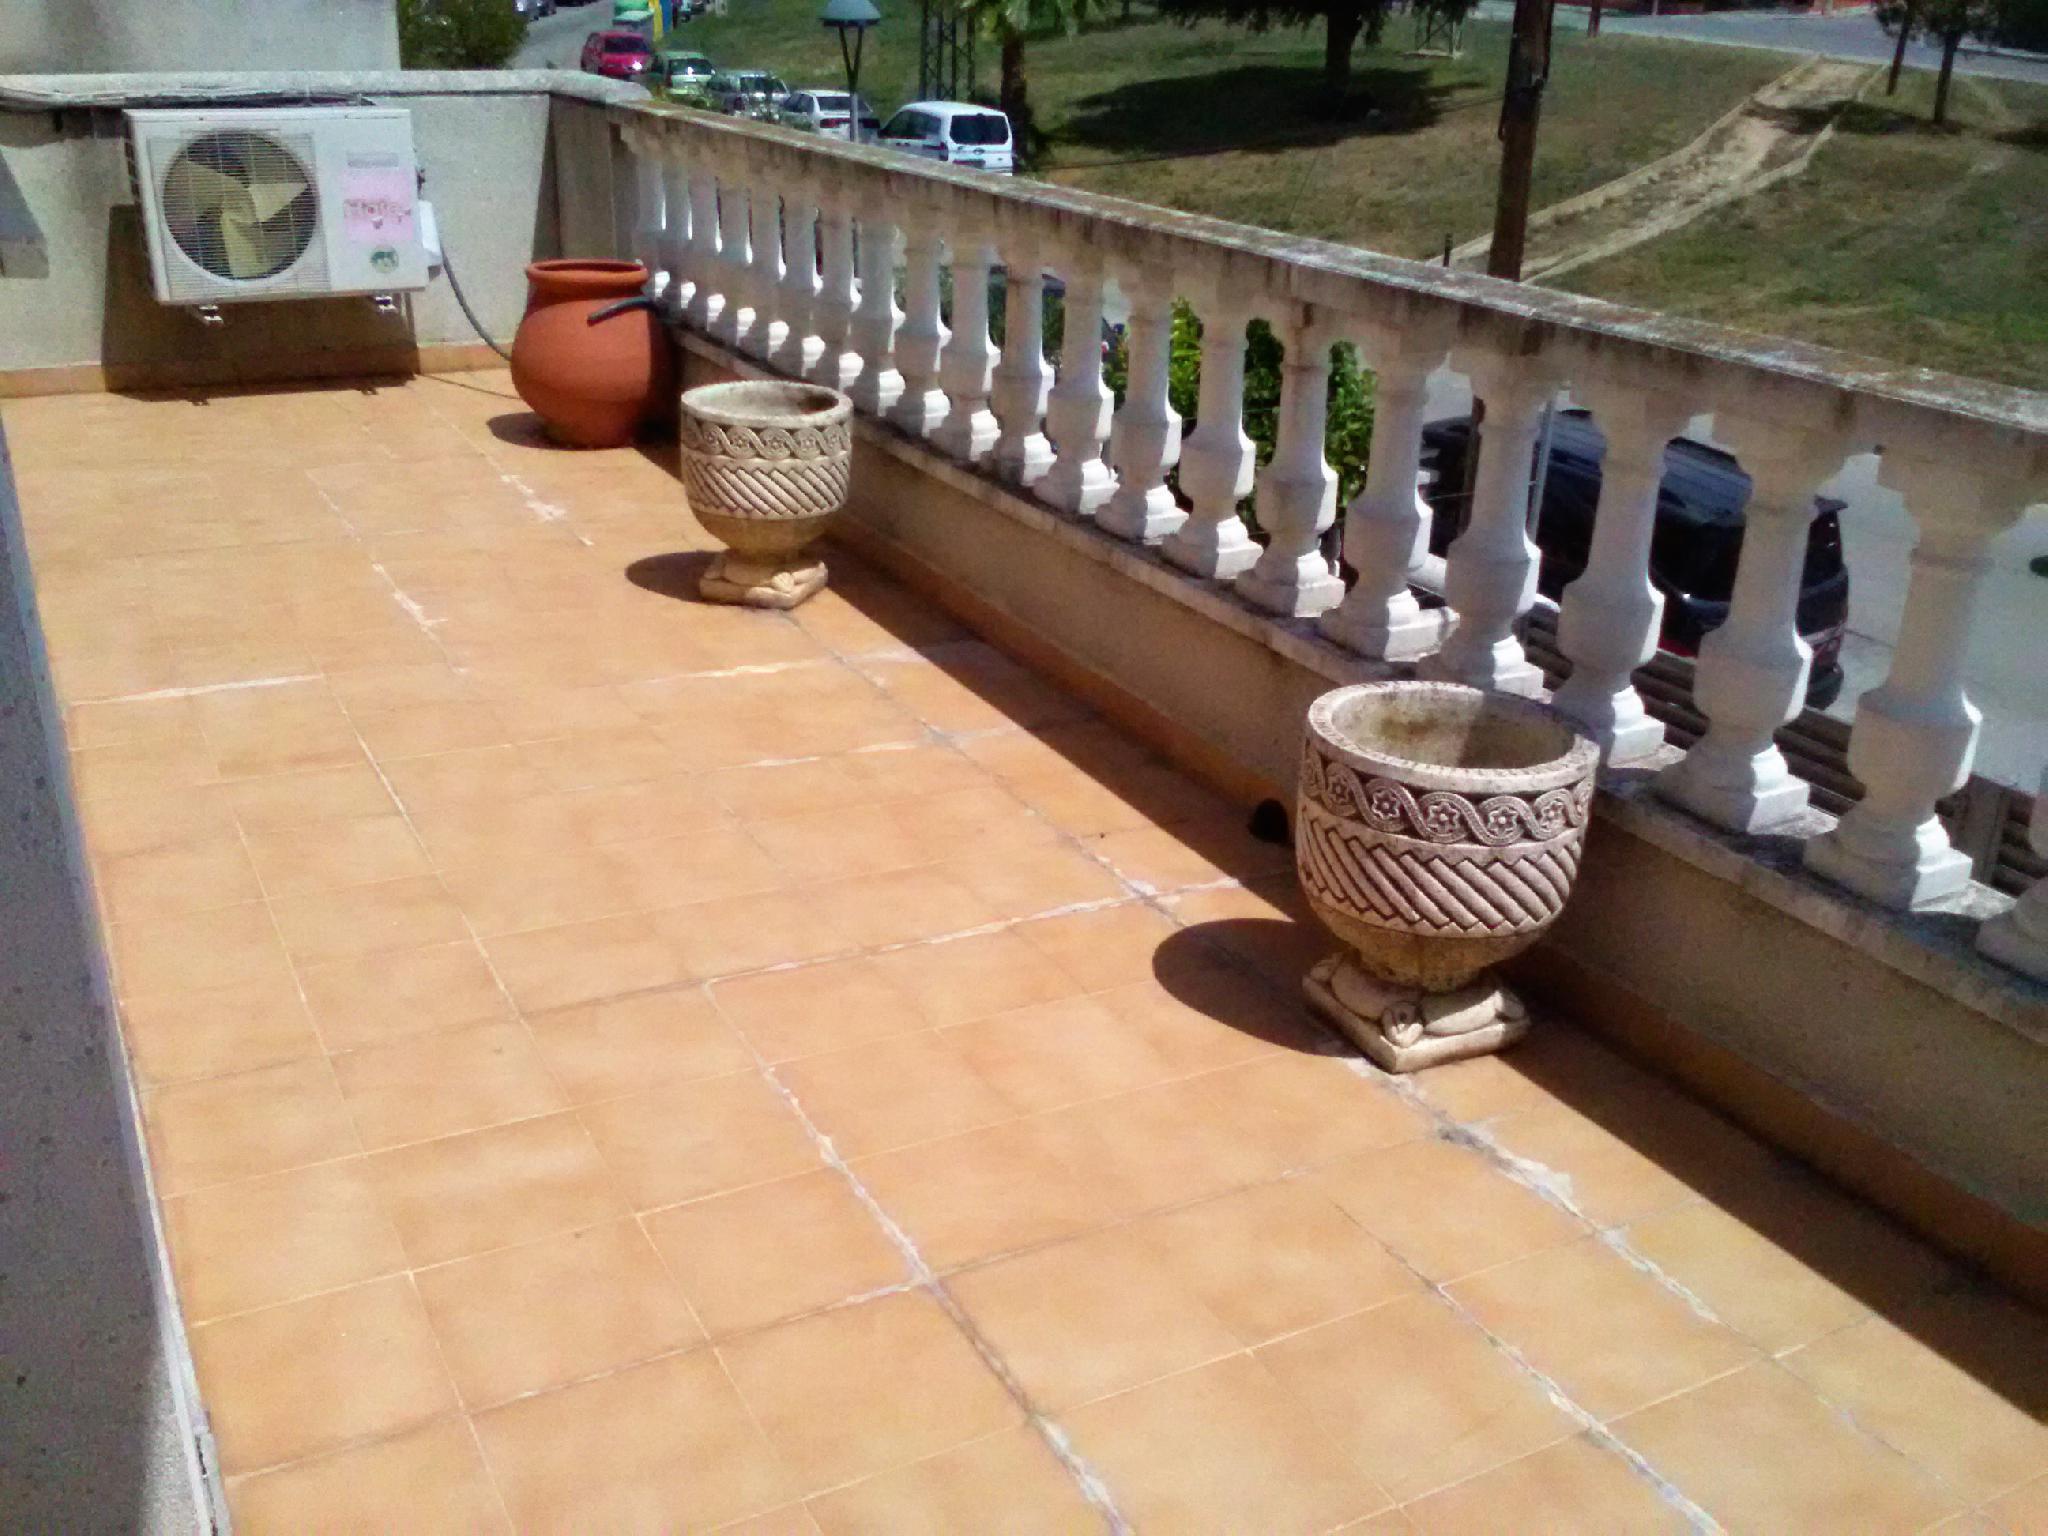 208098 - Cerca de la Residencia Novallar, Cunit.